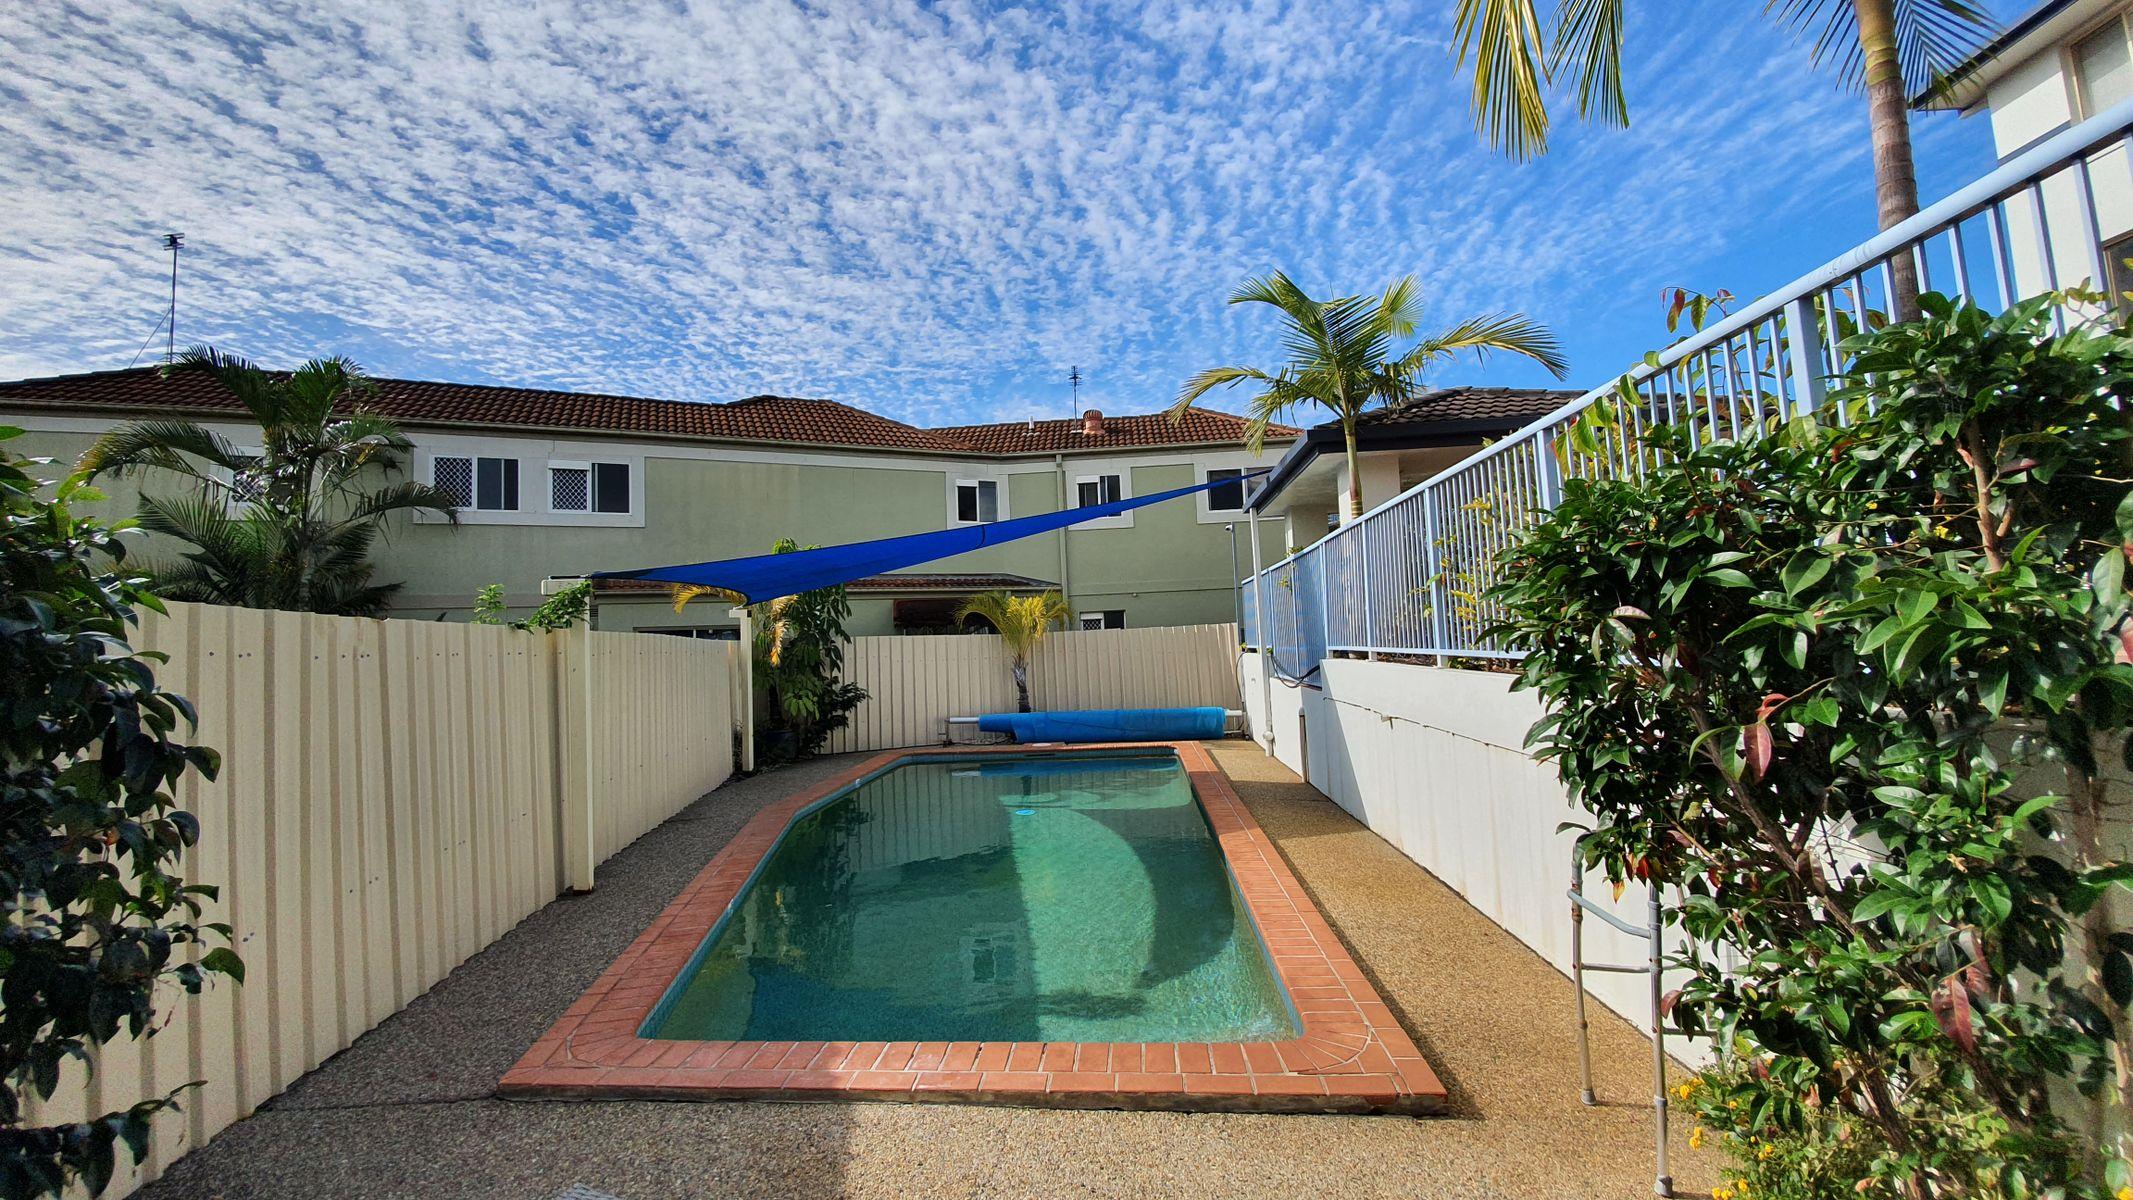 11/3-5 Barranbali Street, Chevron Island, QLD 4217